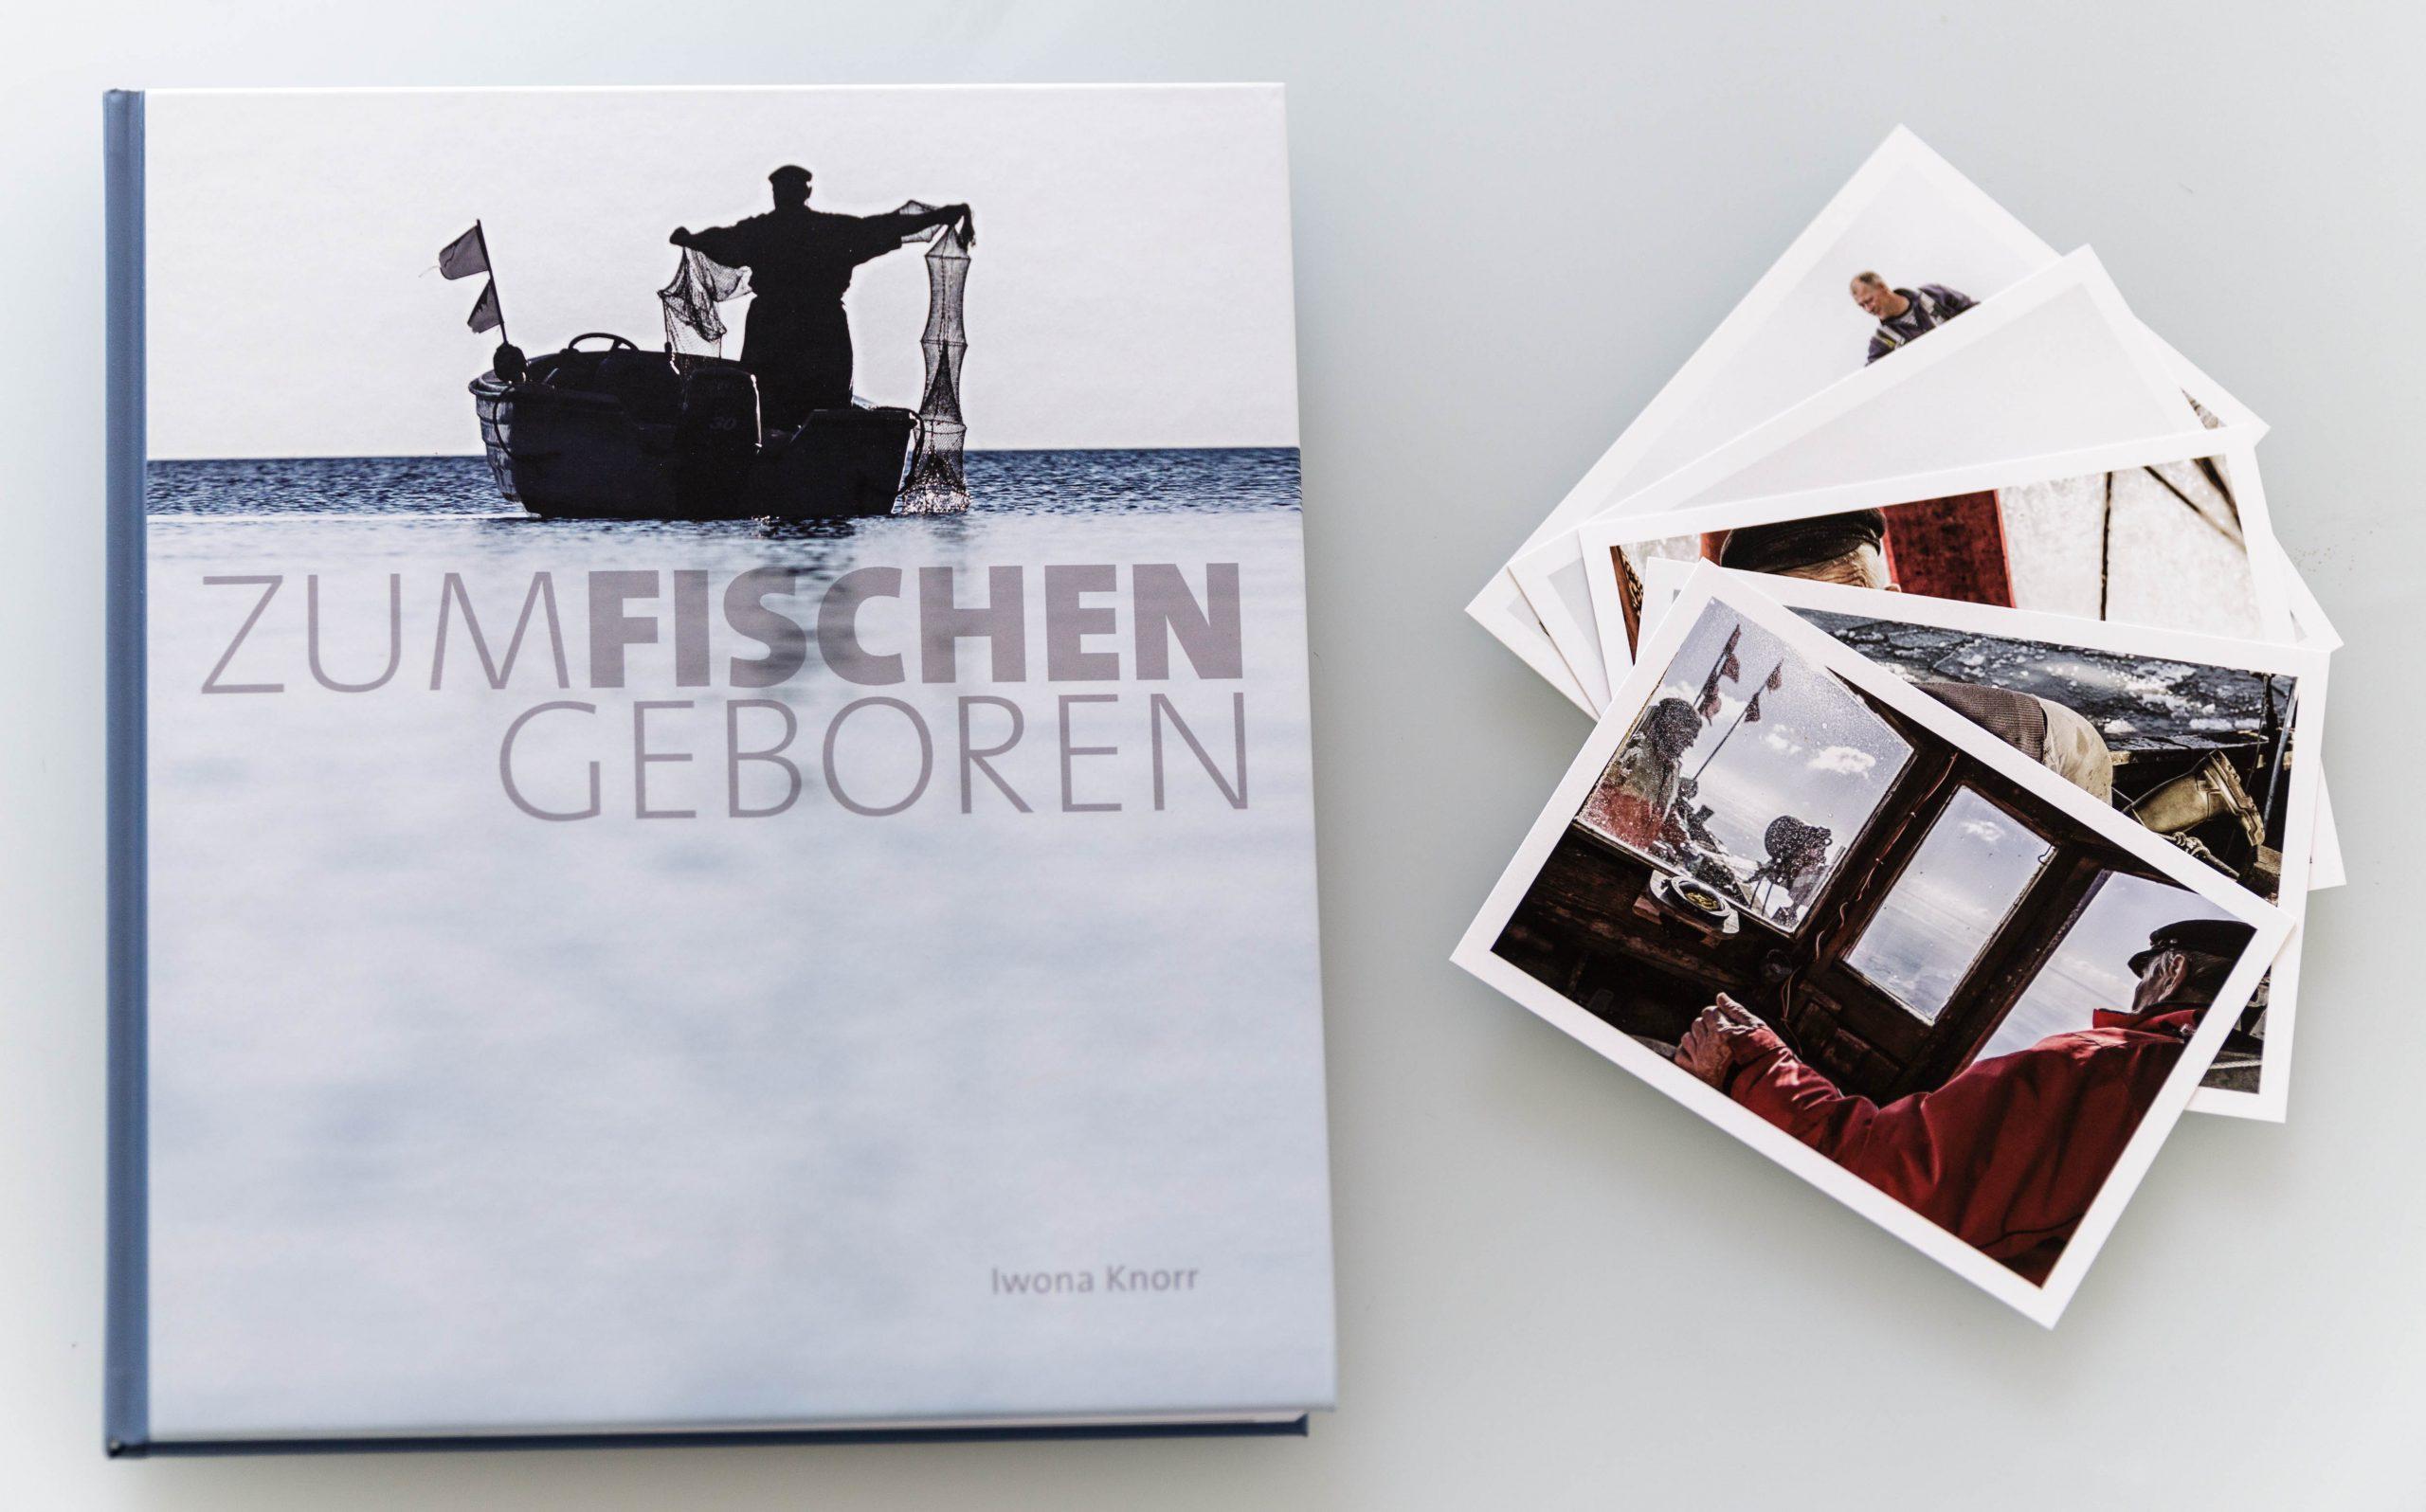 ZUM FISCHEN GEBOREN / Buch + Postkartenset